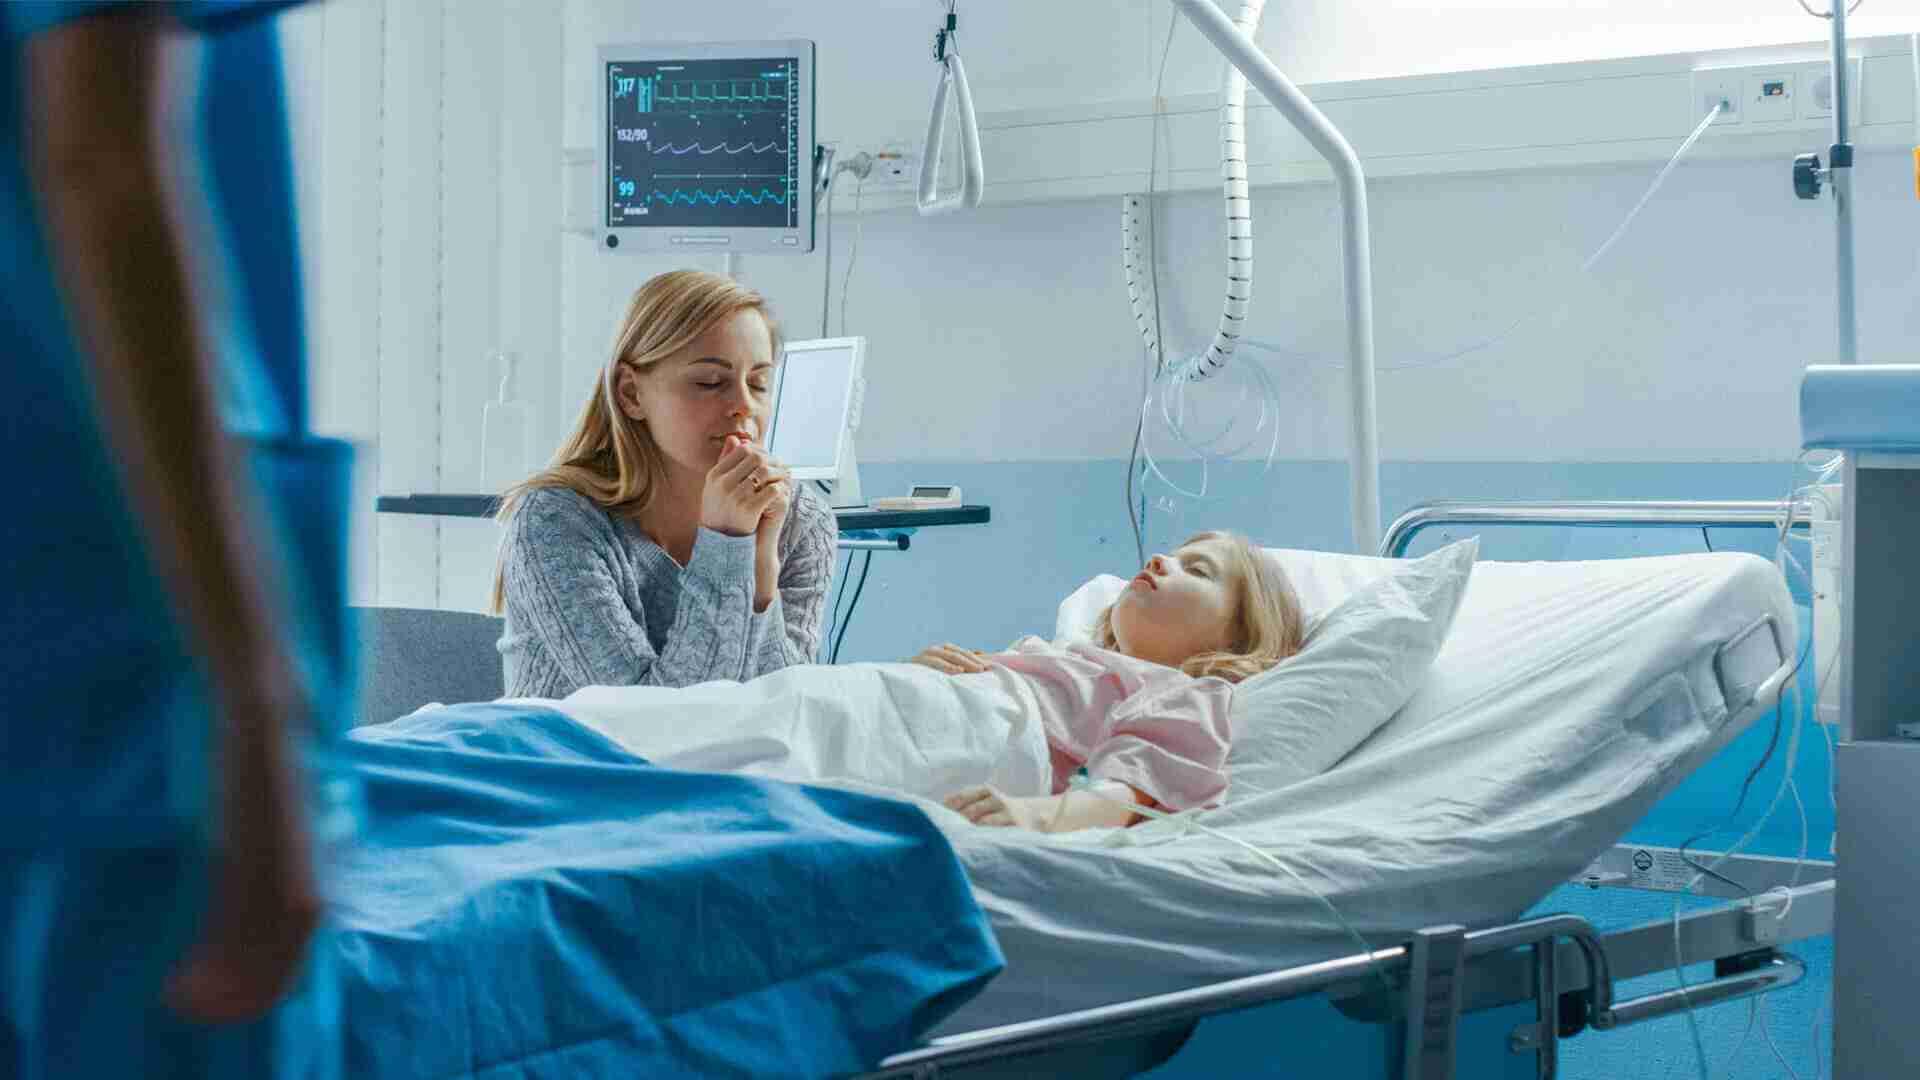 Kinder private Krankenversicherung PKV, Chefarzt Krankenzusatzversicherung, Ein-Bett-Zimmer Krankenhauszusatzversicherung